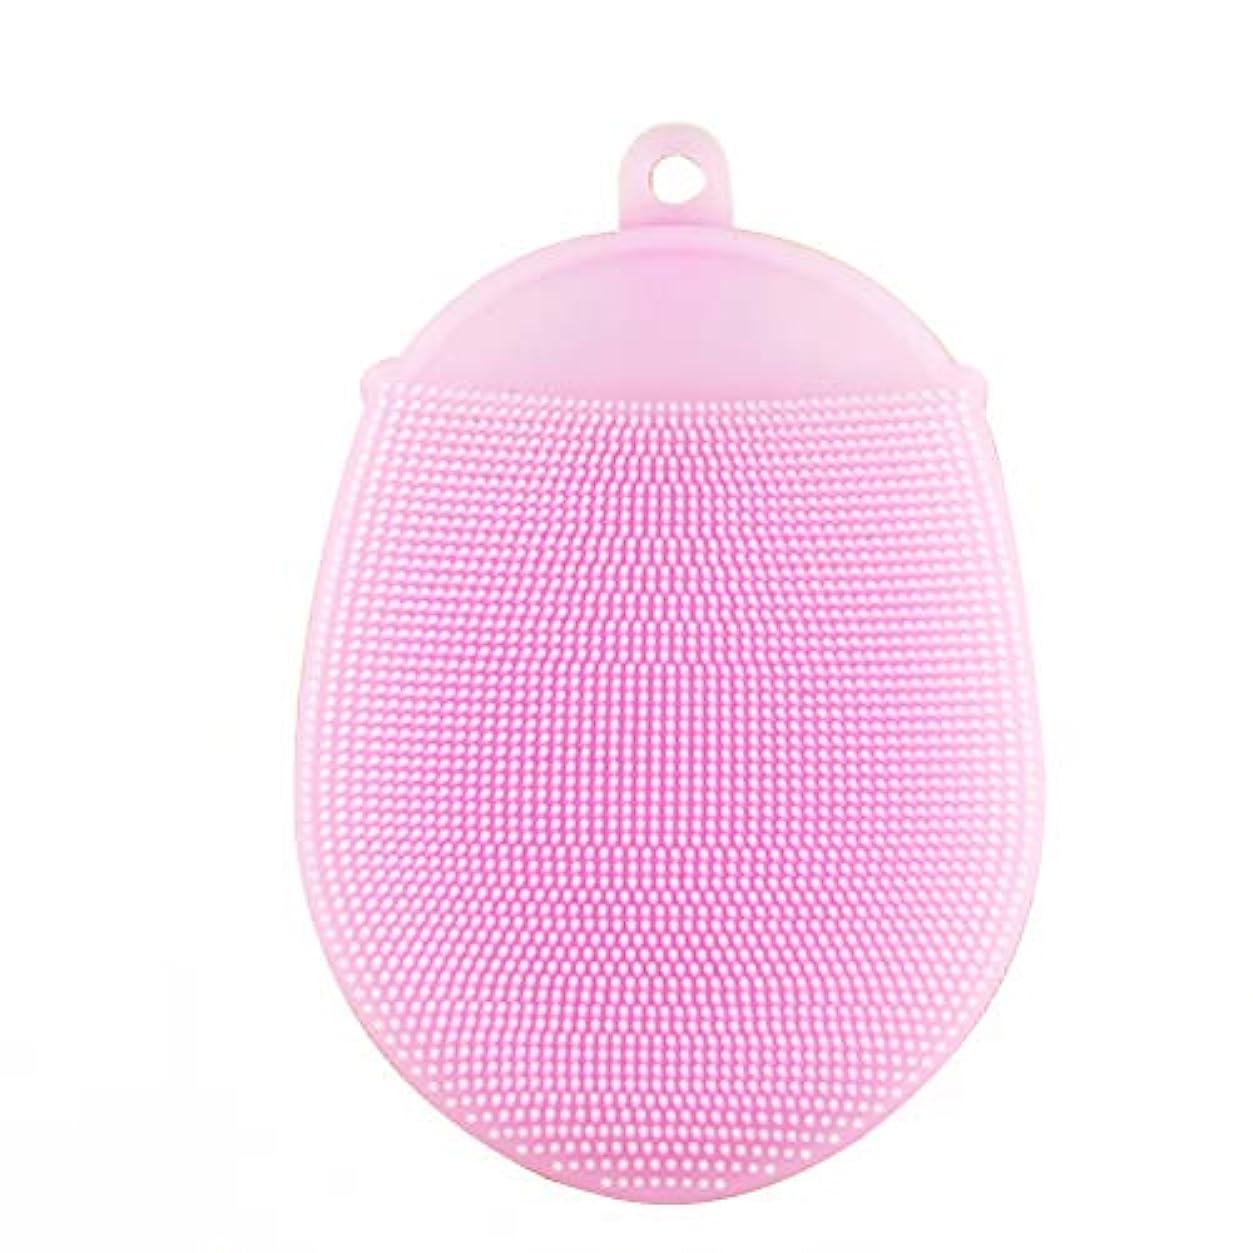 センチメートルきゅうり更新するHealifty ボディブラシ2本シリコン入浴ブラシ抗菌シャワースクラバー洗顔パッド(ピンク)